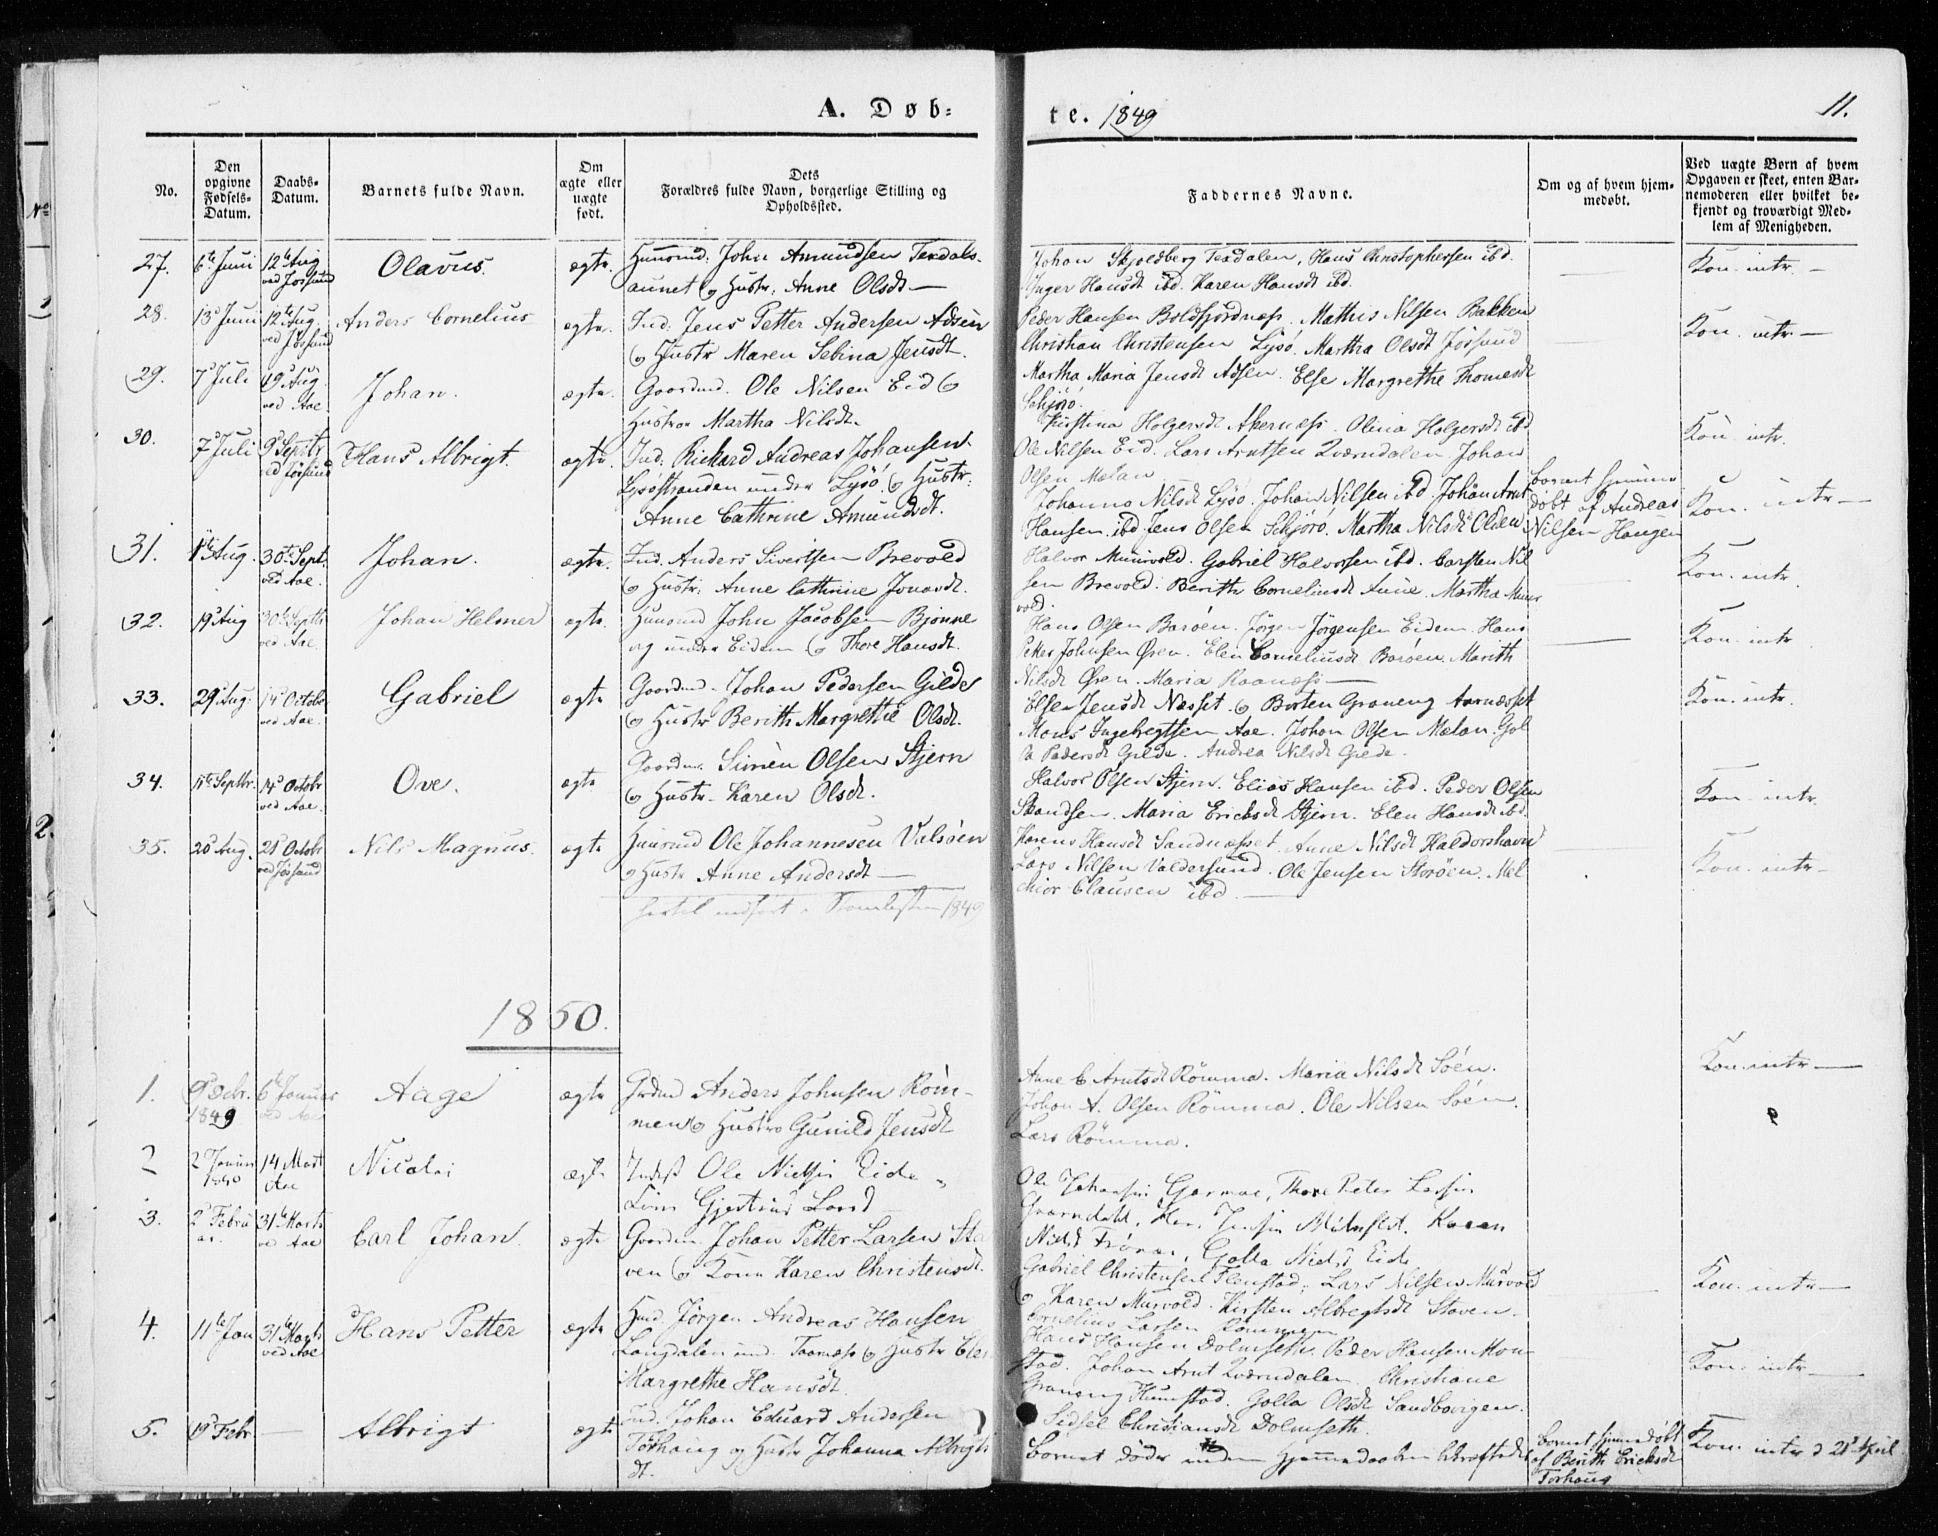 SAT, Ministerialprotokoller, klokkerbøker og fødselsregistre - Sør-Trøndelag, 655/L0677: Ministerialbok nr. 655A06, 1847-1860, s. 11